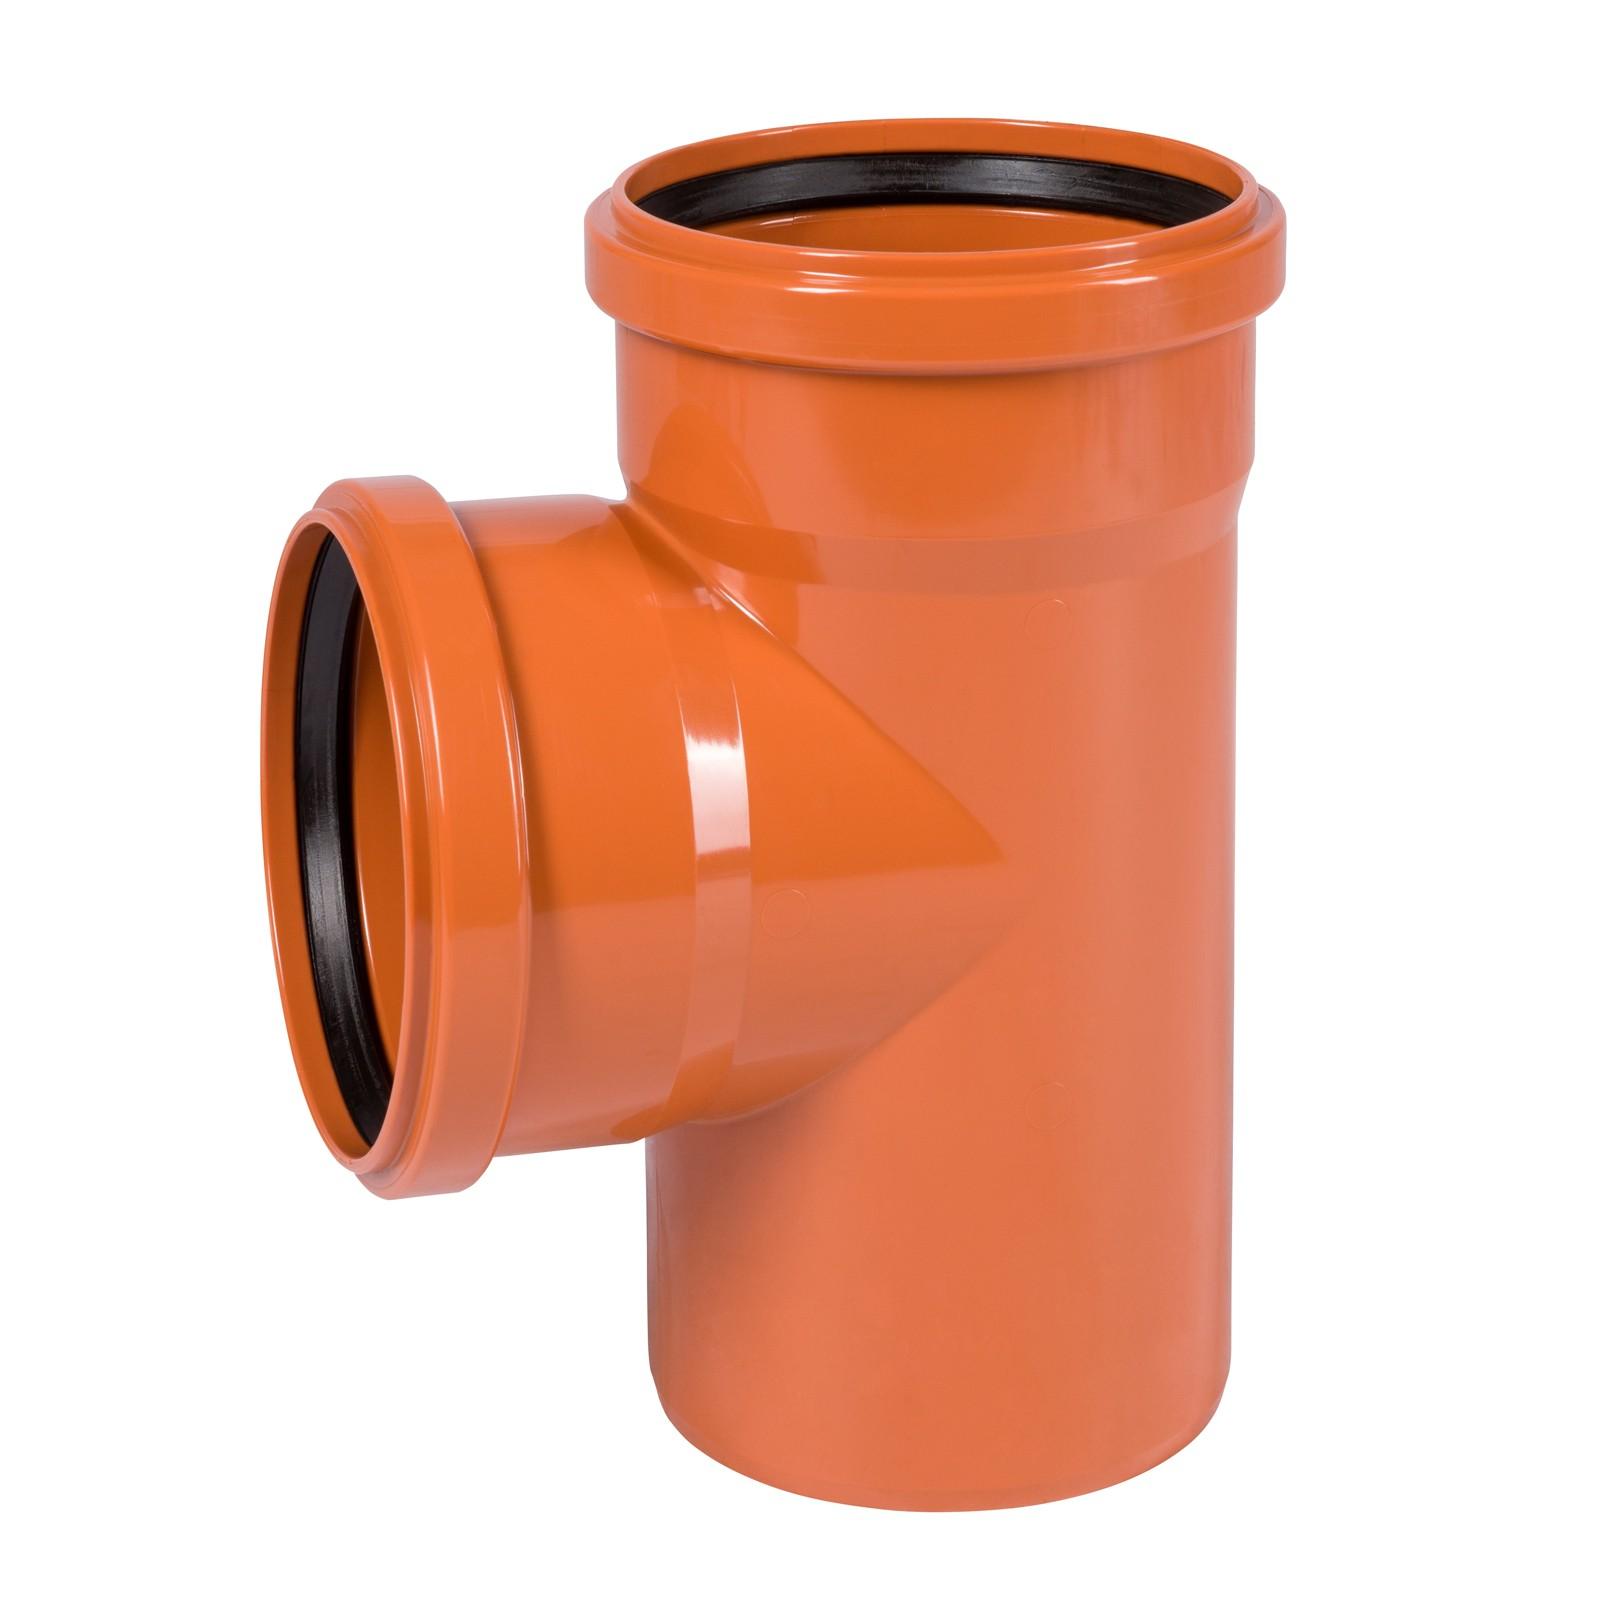 kg abzweig dn125 125 87 abwasserrohr kanalrohr orange. Black Bedroom Furniture Sets. Home Design Ideas